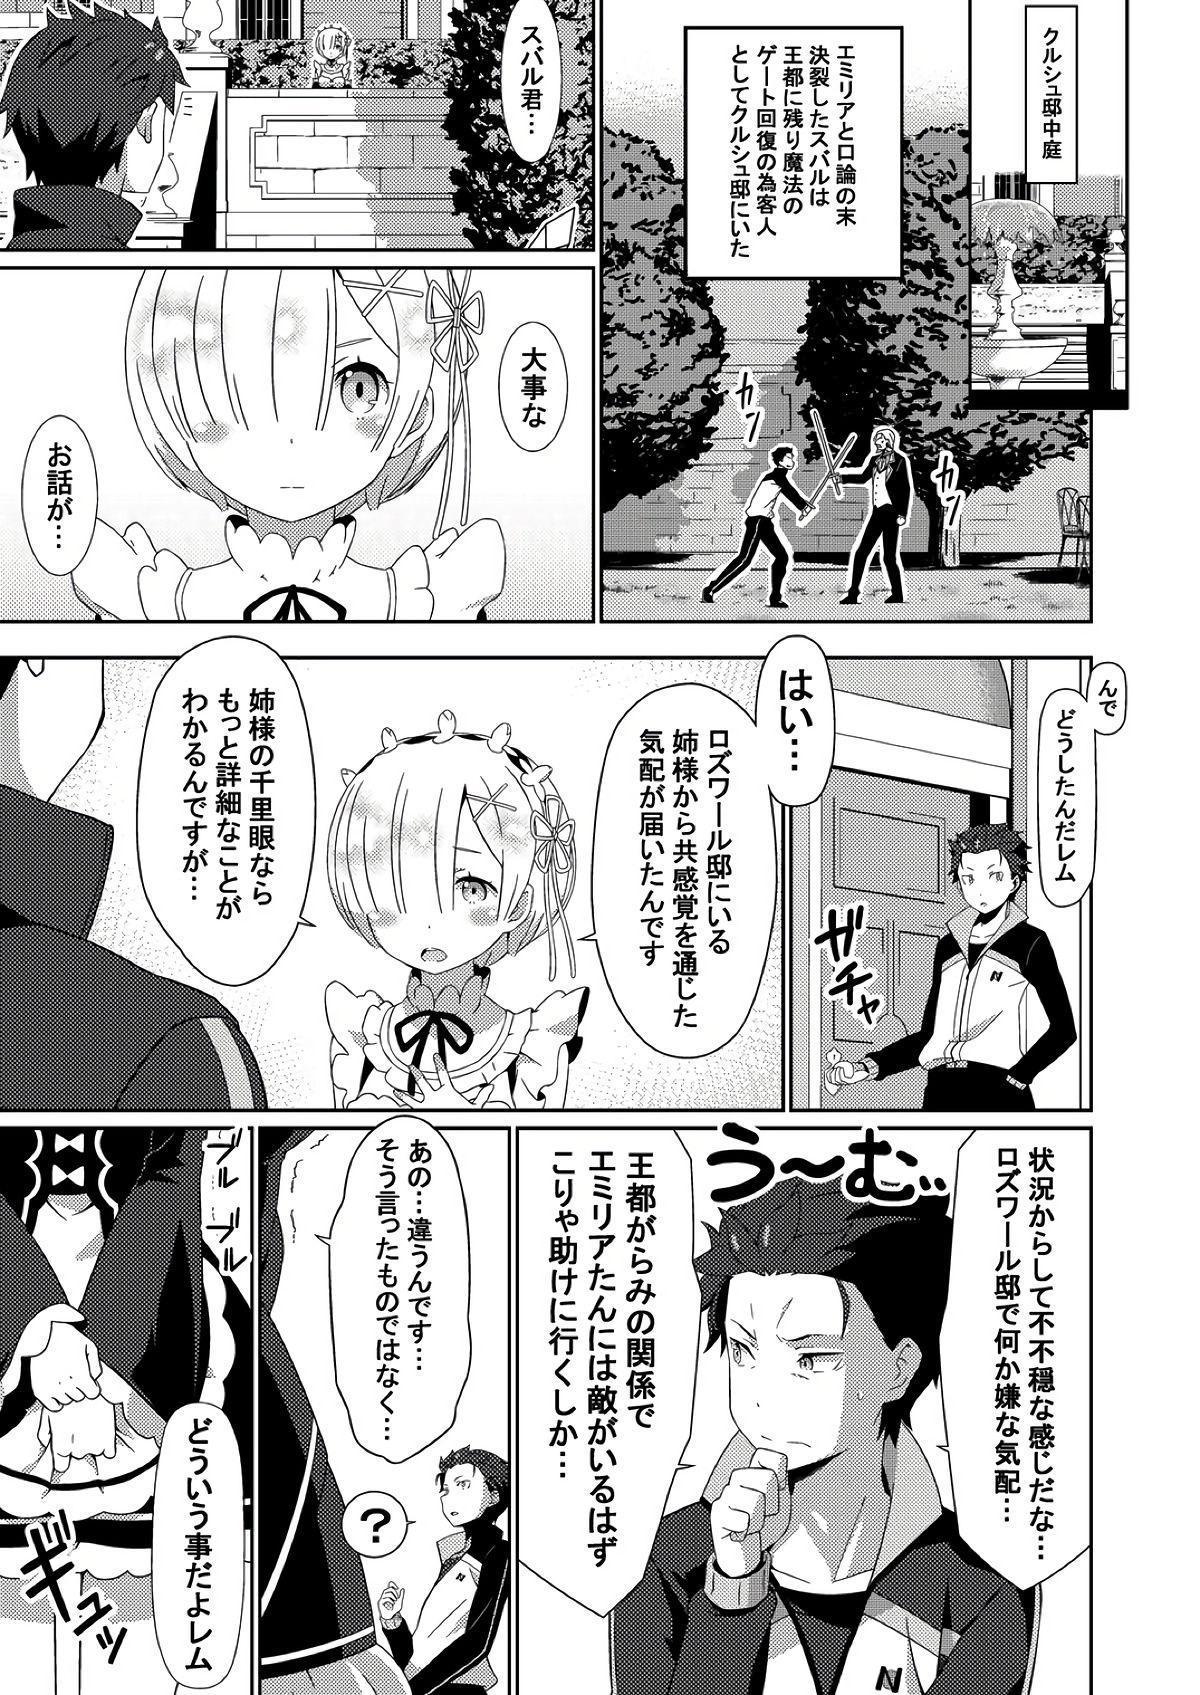 Re:Ero kara Hajimeru Seikoui Seikatsu 11